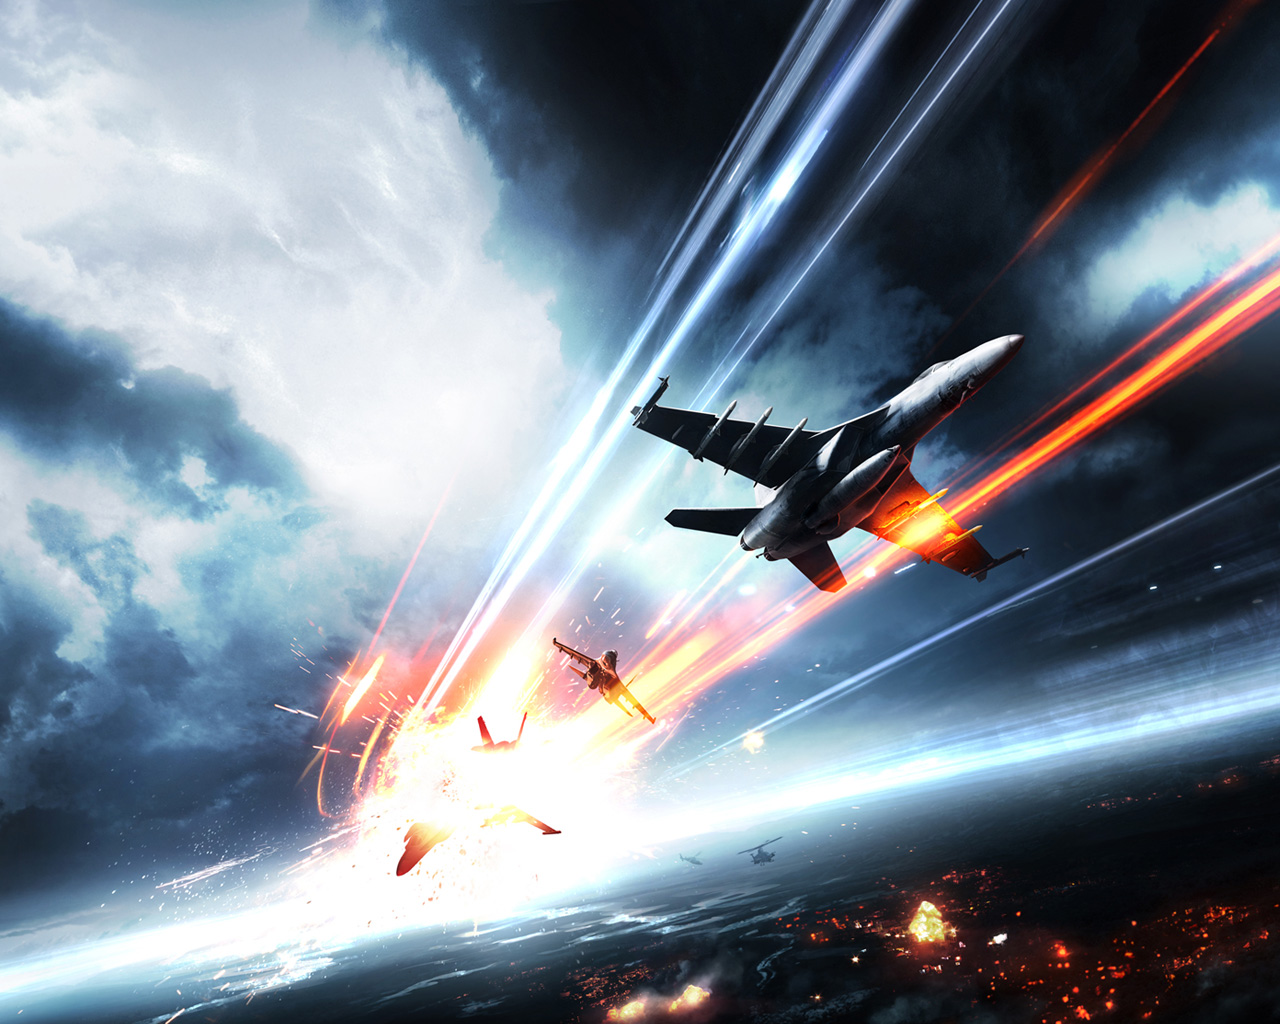 Battlefield 3 Wallpaper in 1280x1024